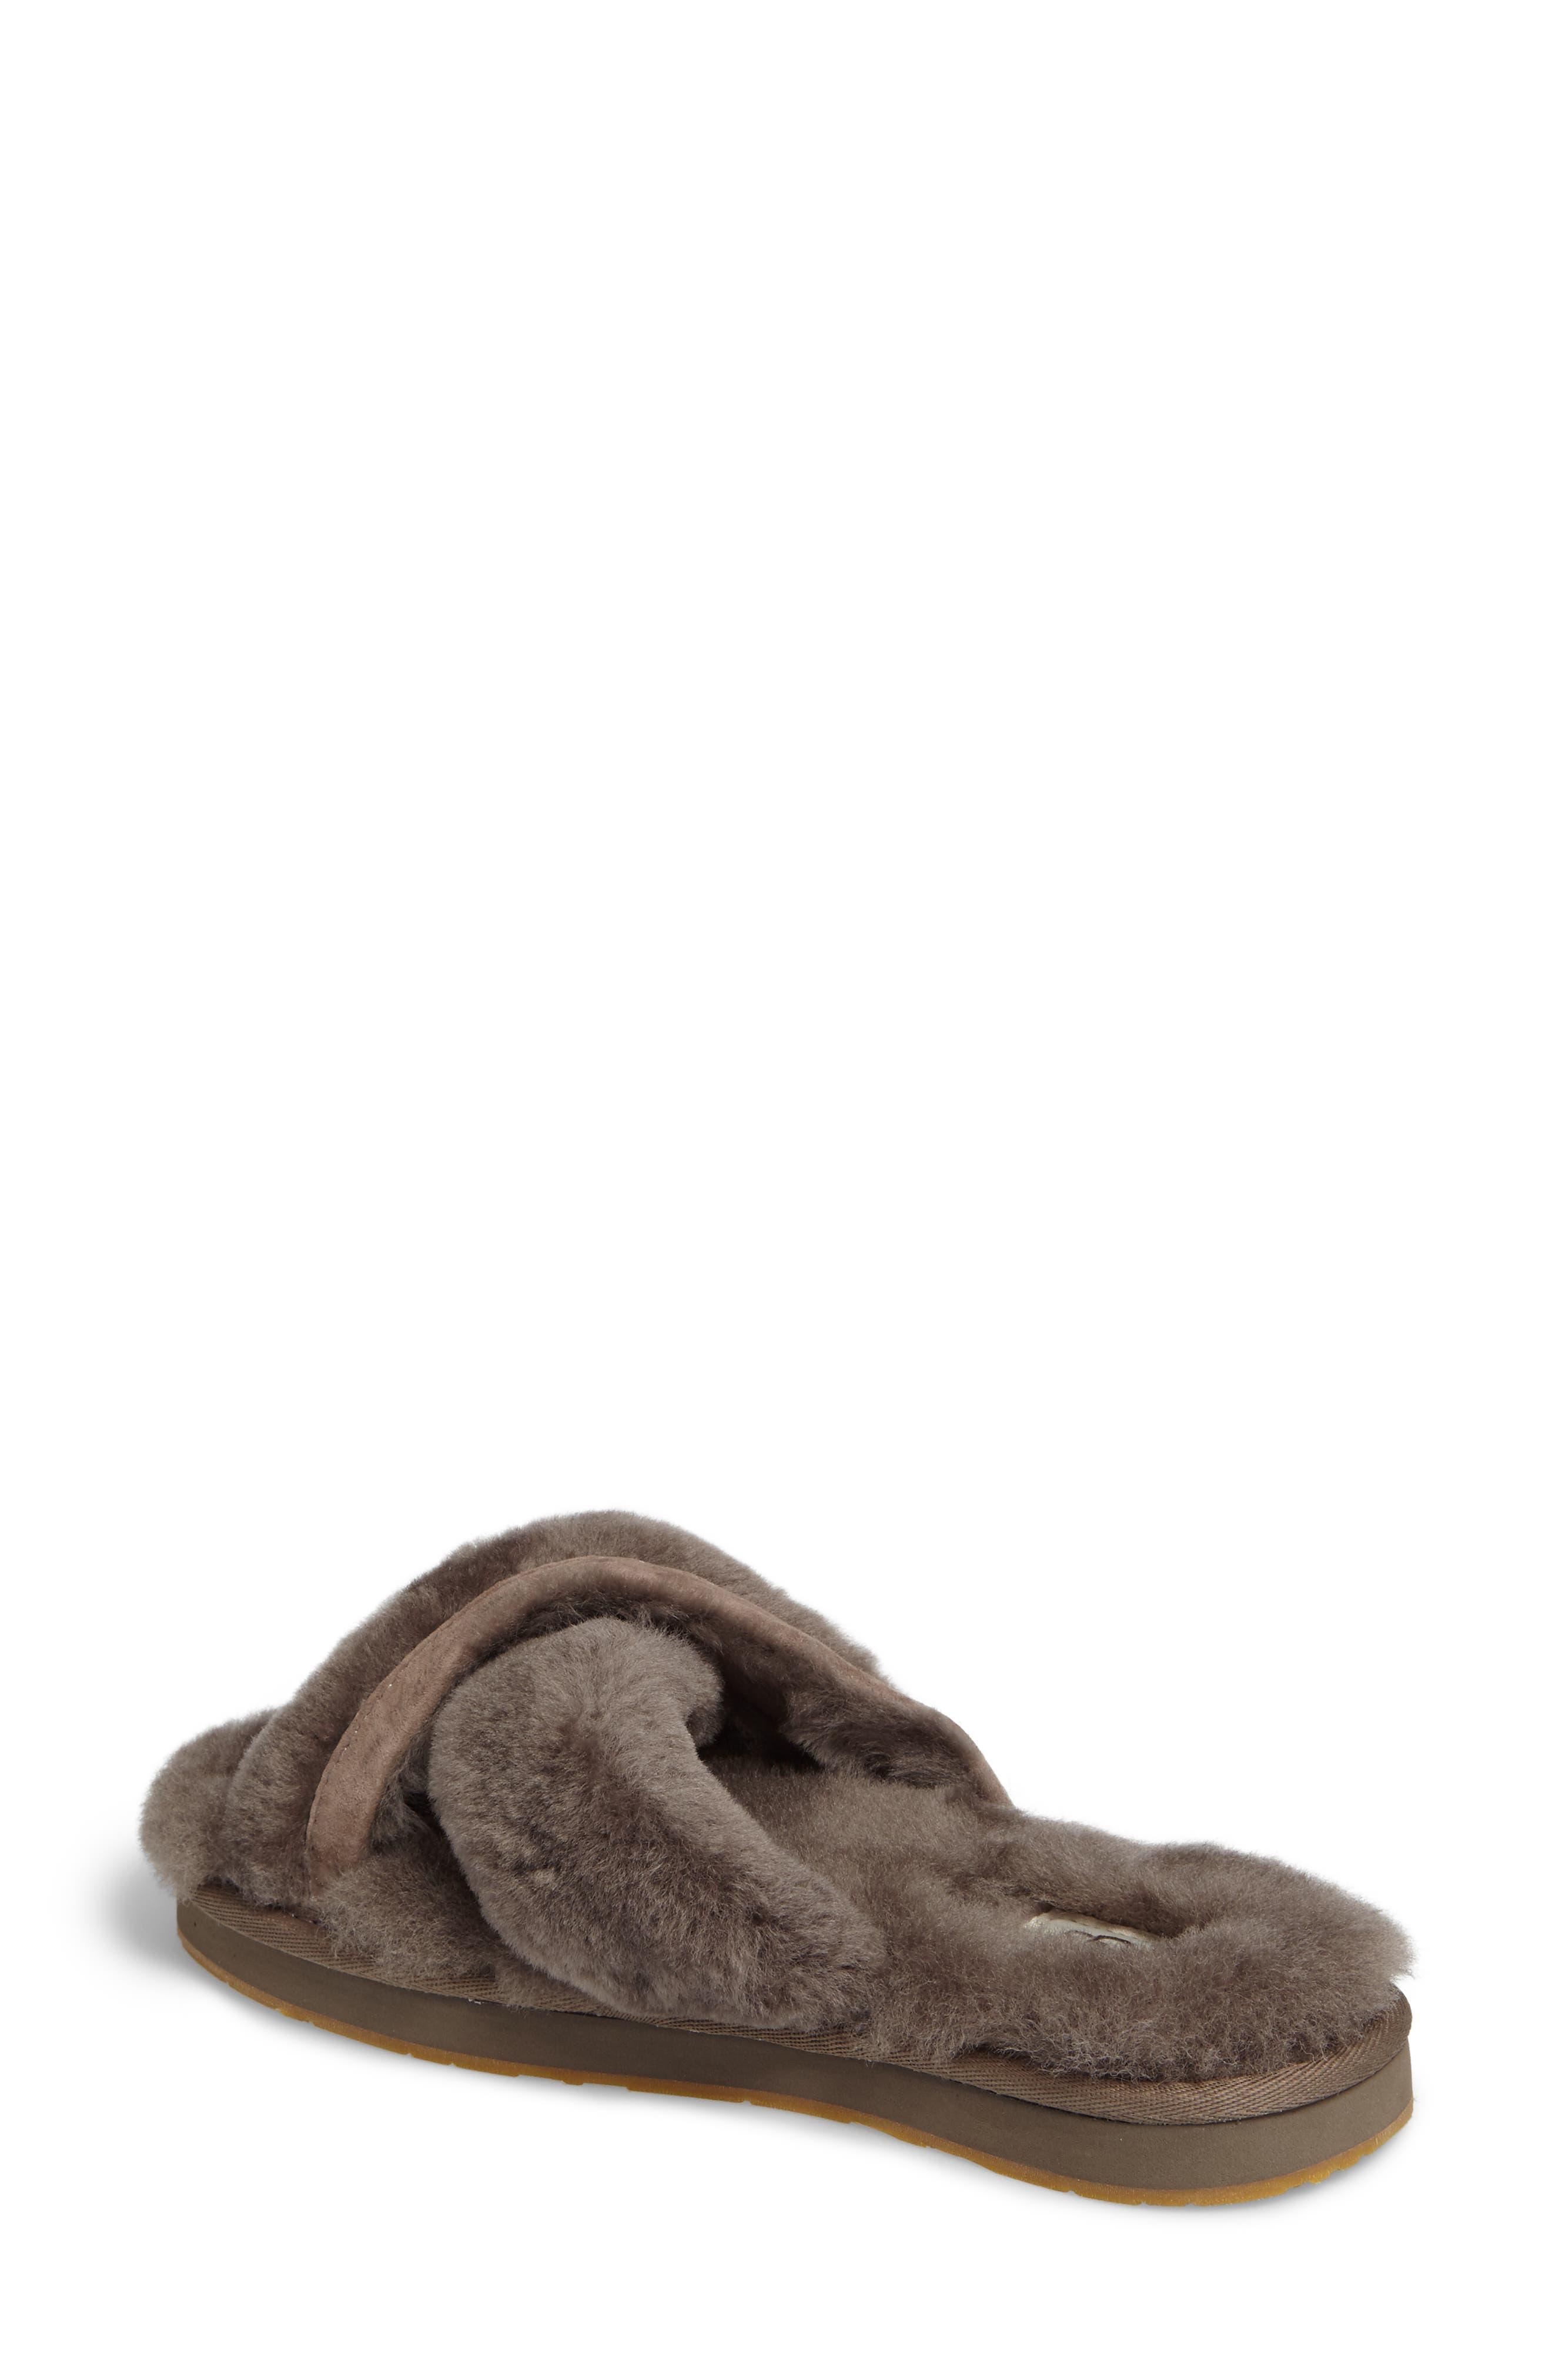 Alternate Image 2  - UGG® Abela Genuine Shearling Flip Flop (Women)